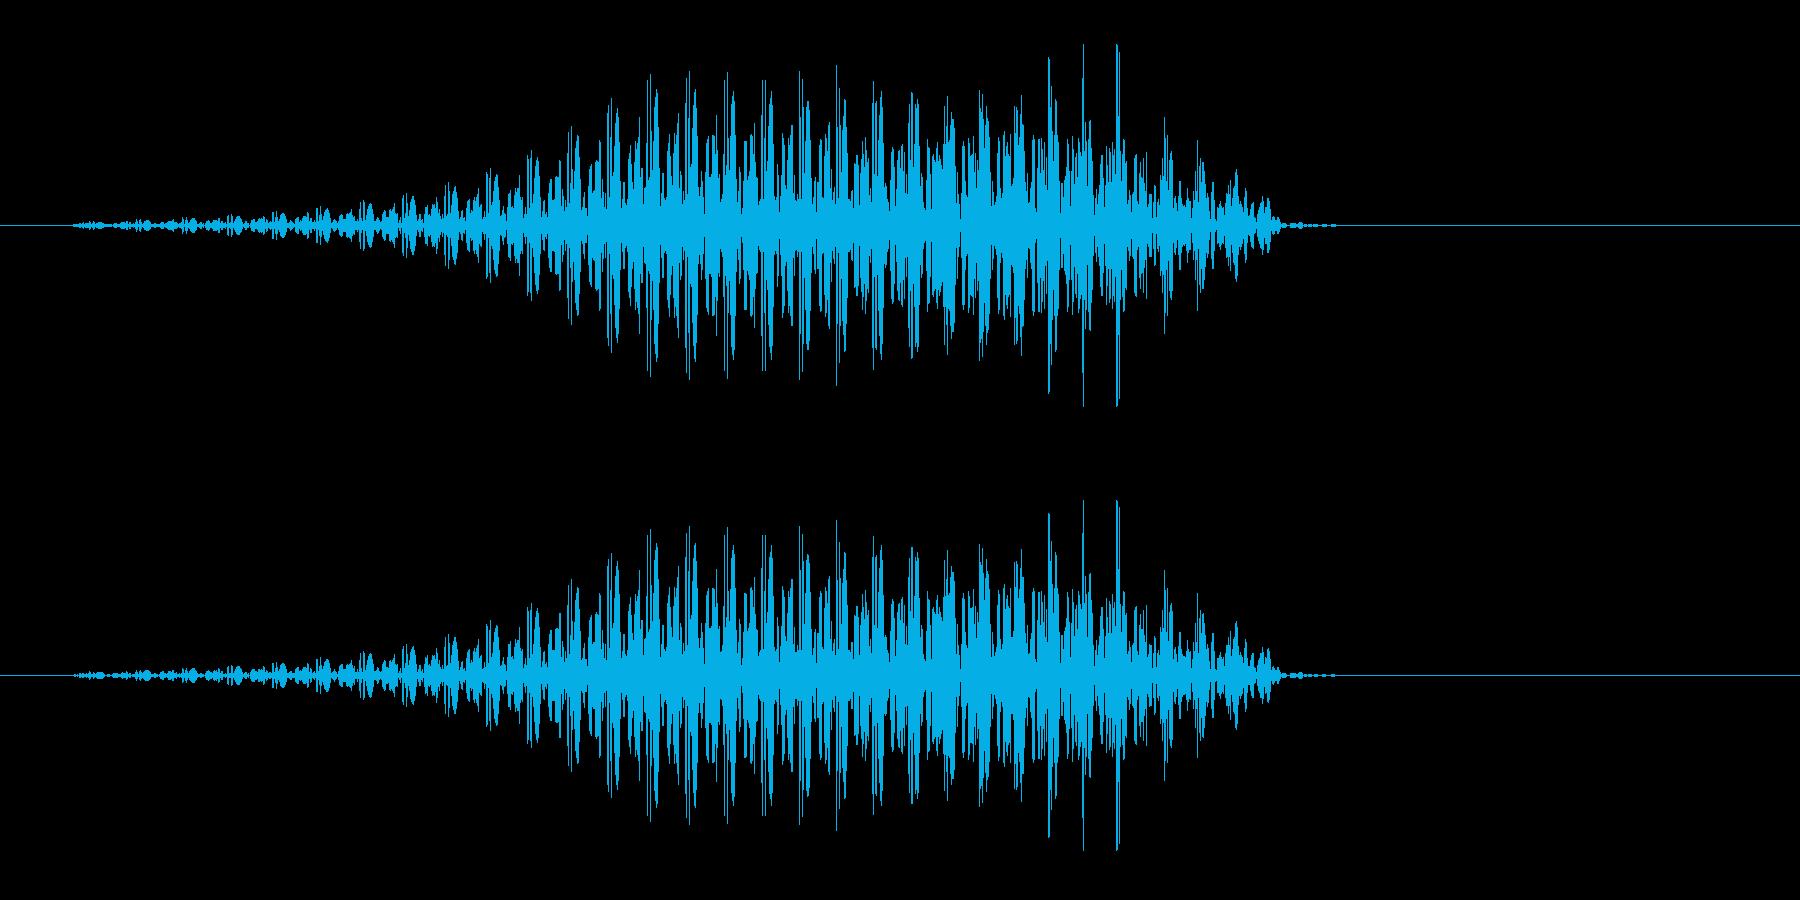 うえっ(人体からでる音、嘔吐音)の再生済みの波形